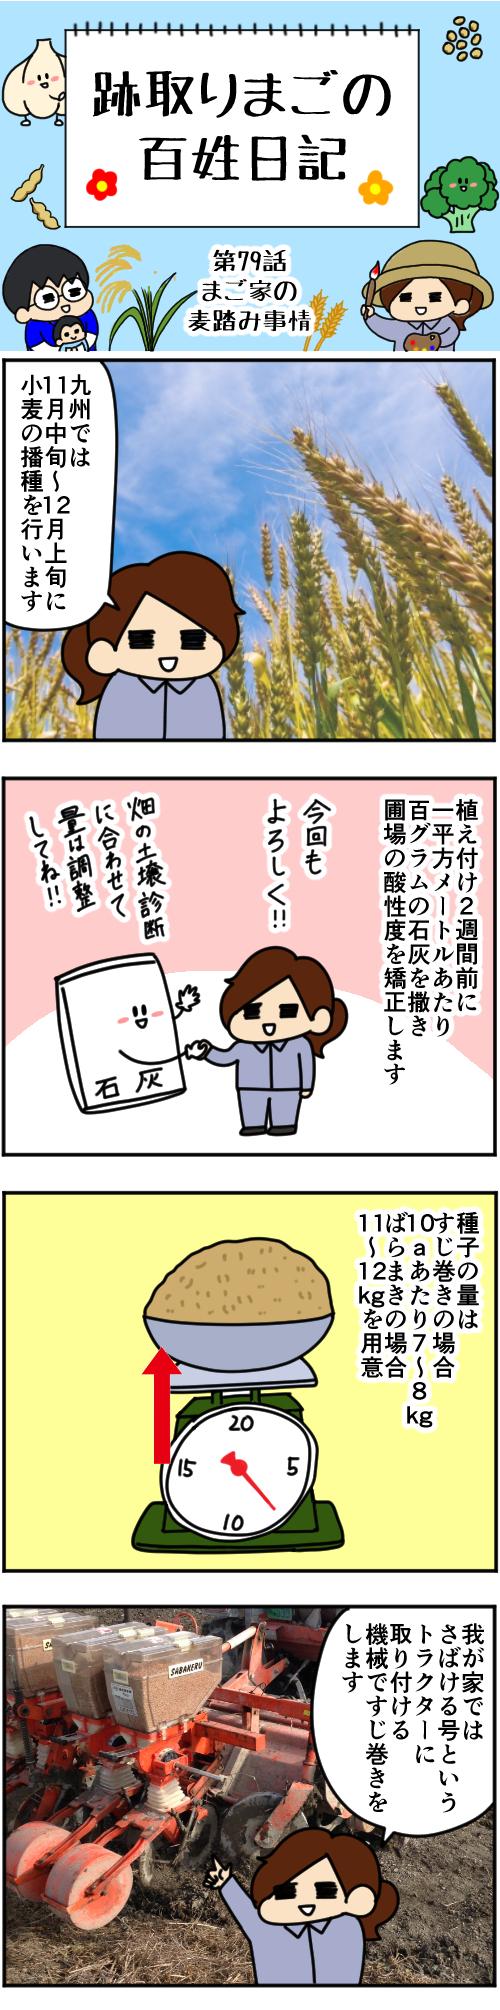 第79話_1枚目